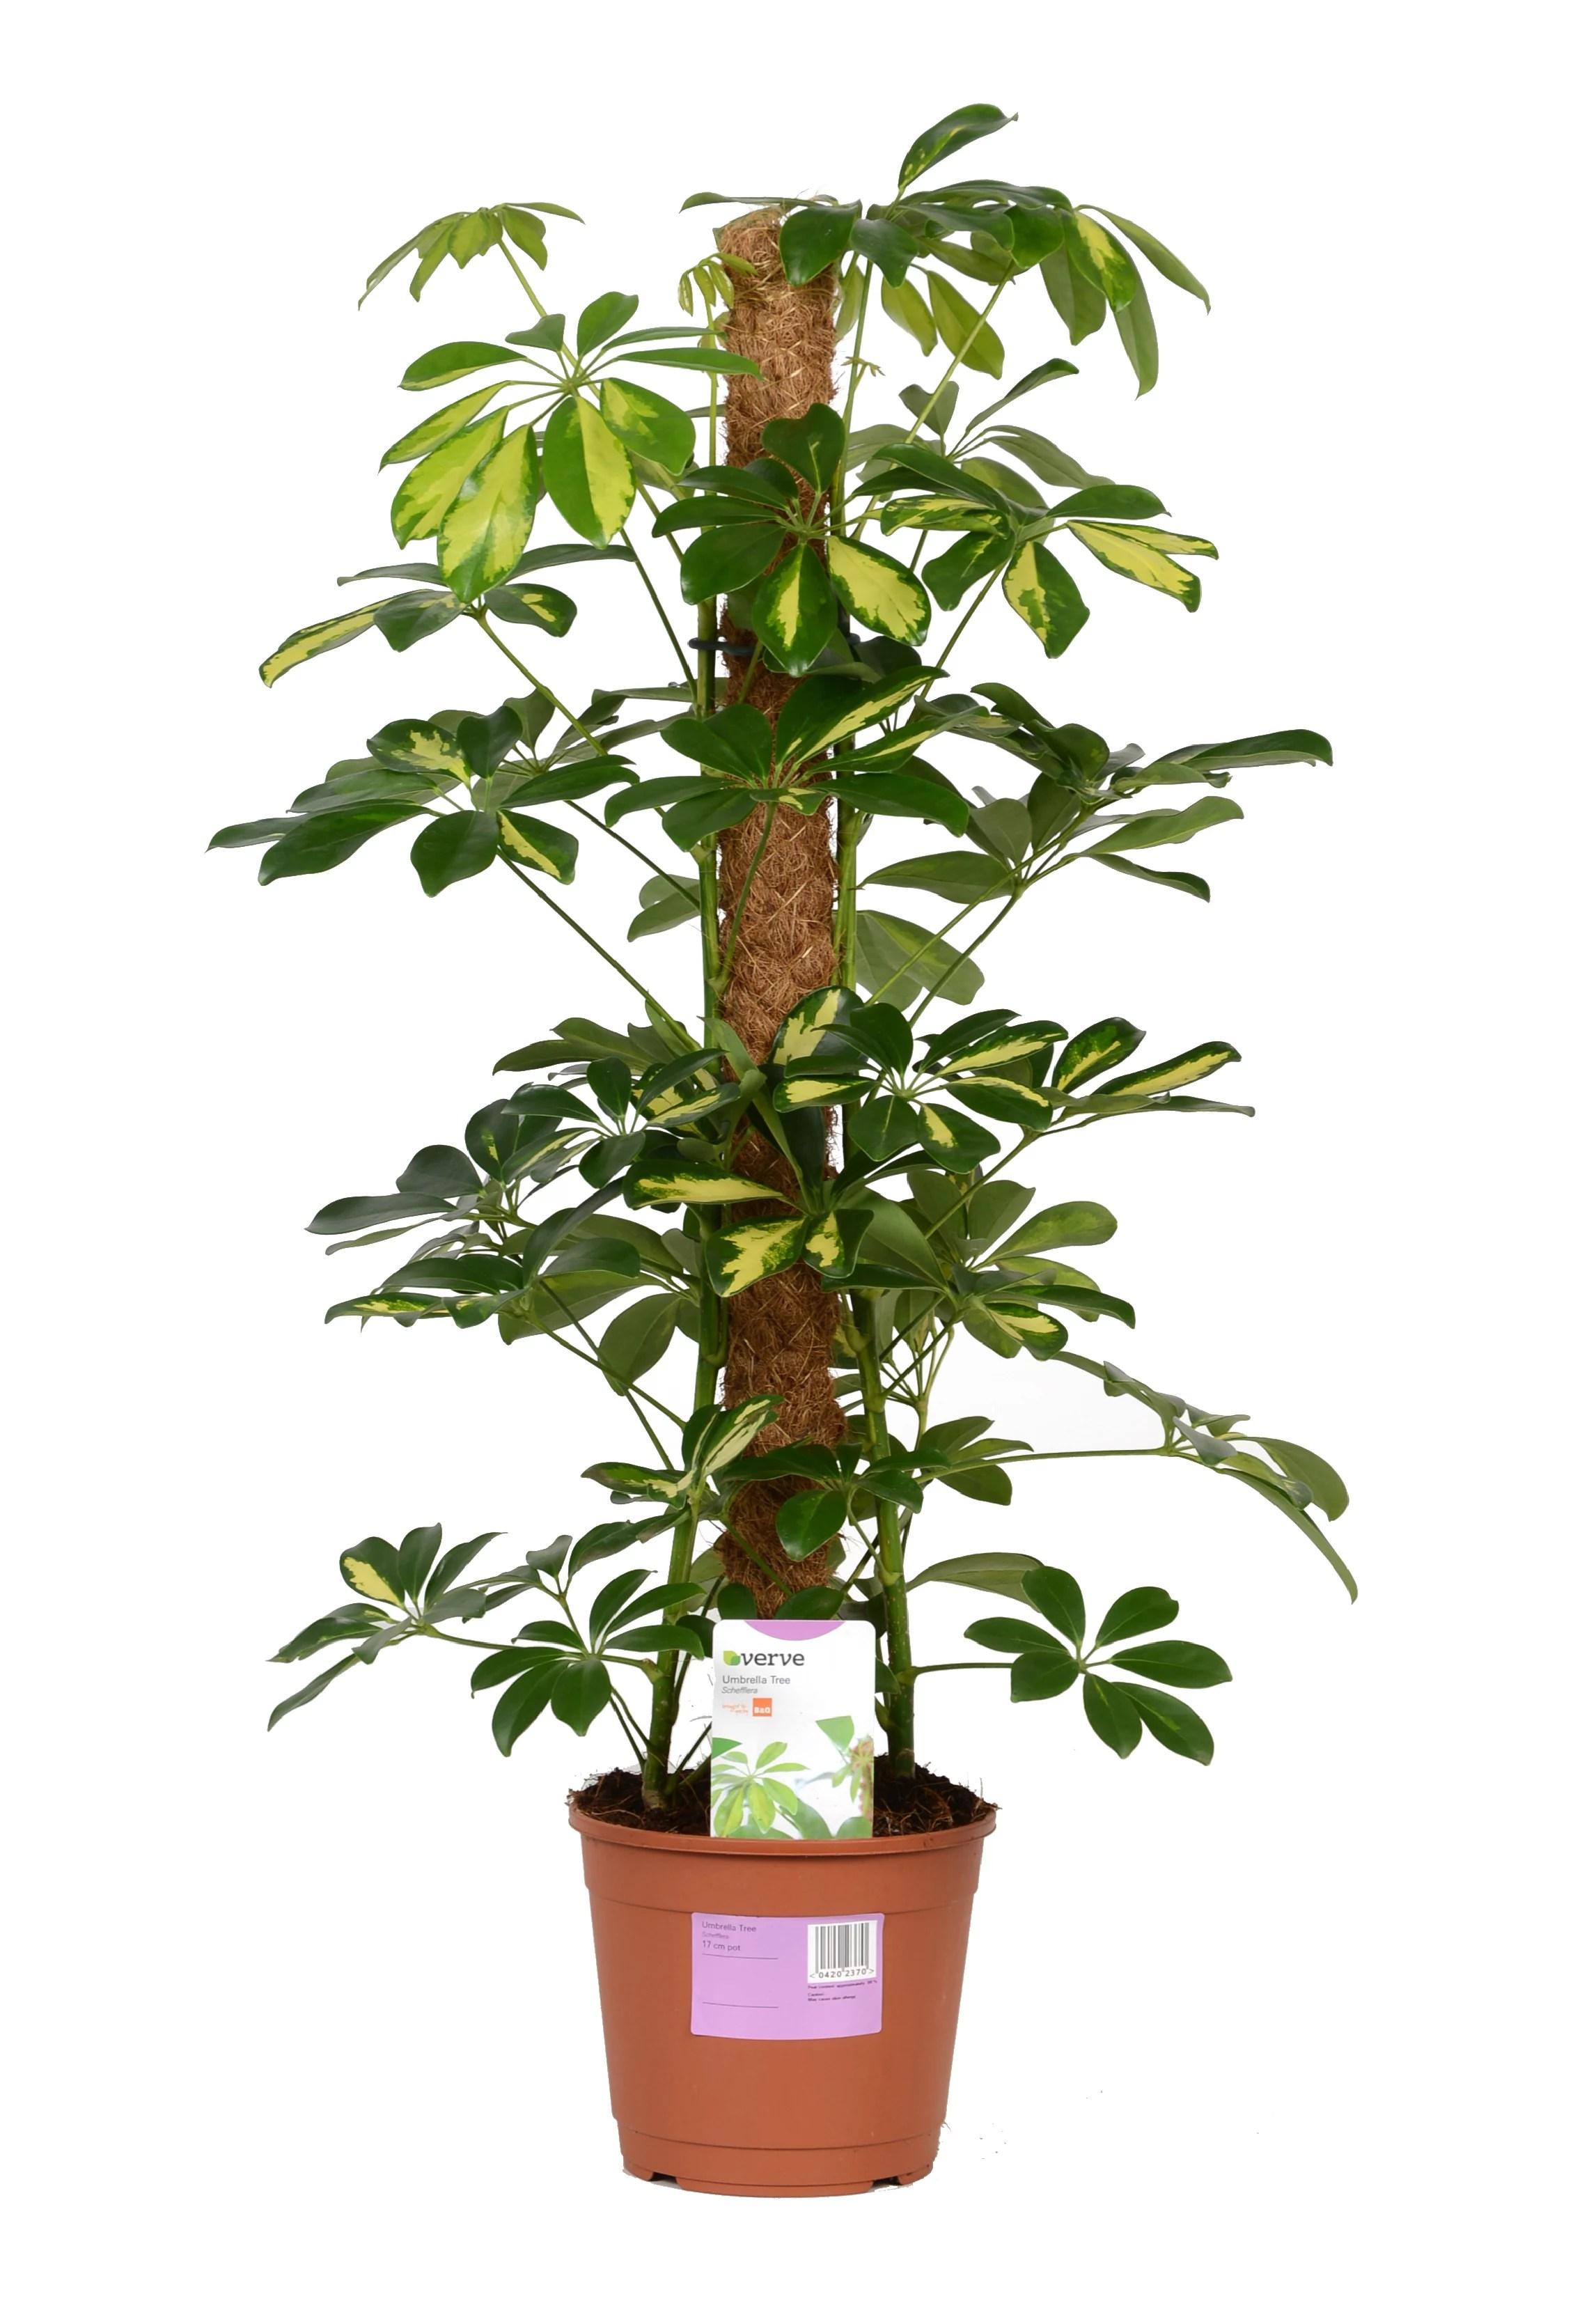 Verve Umbrella Tree In Plastic Pot Departments DIY At BampQ